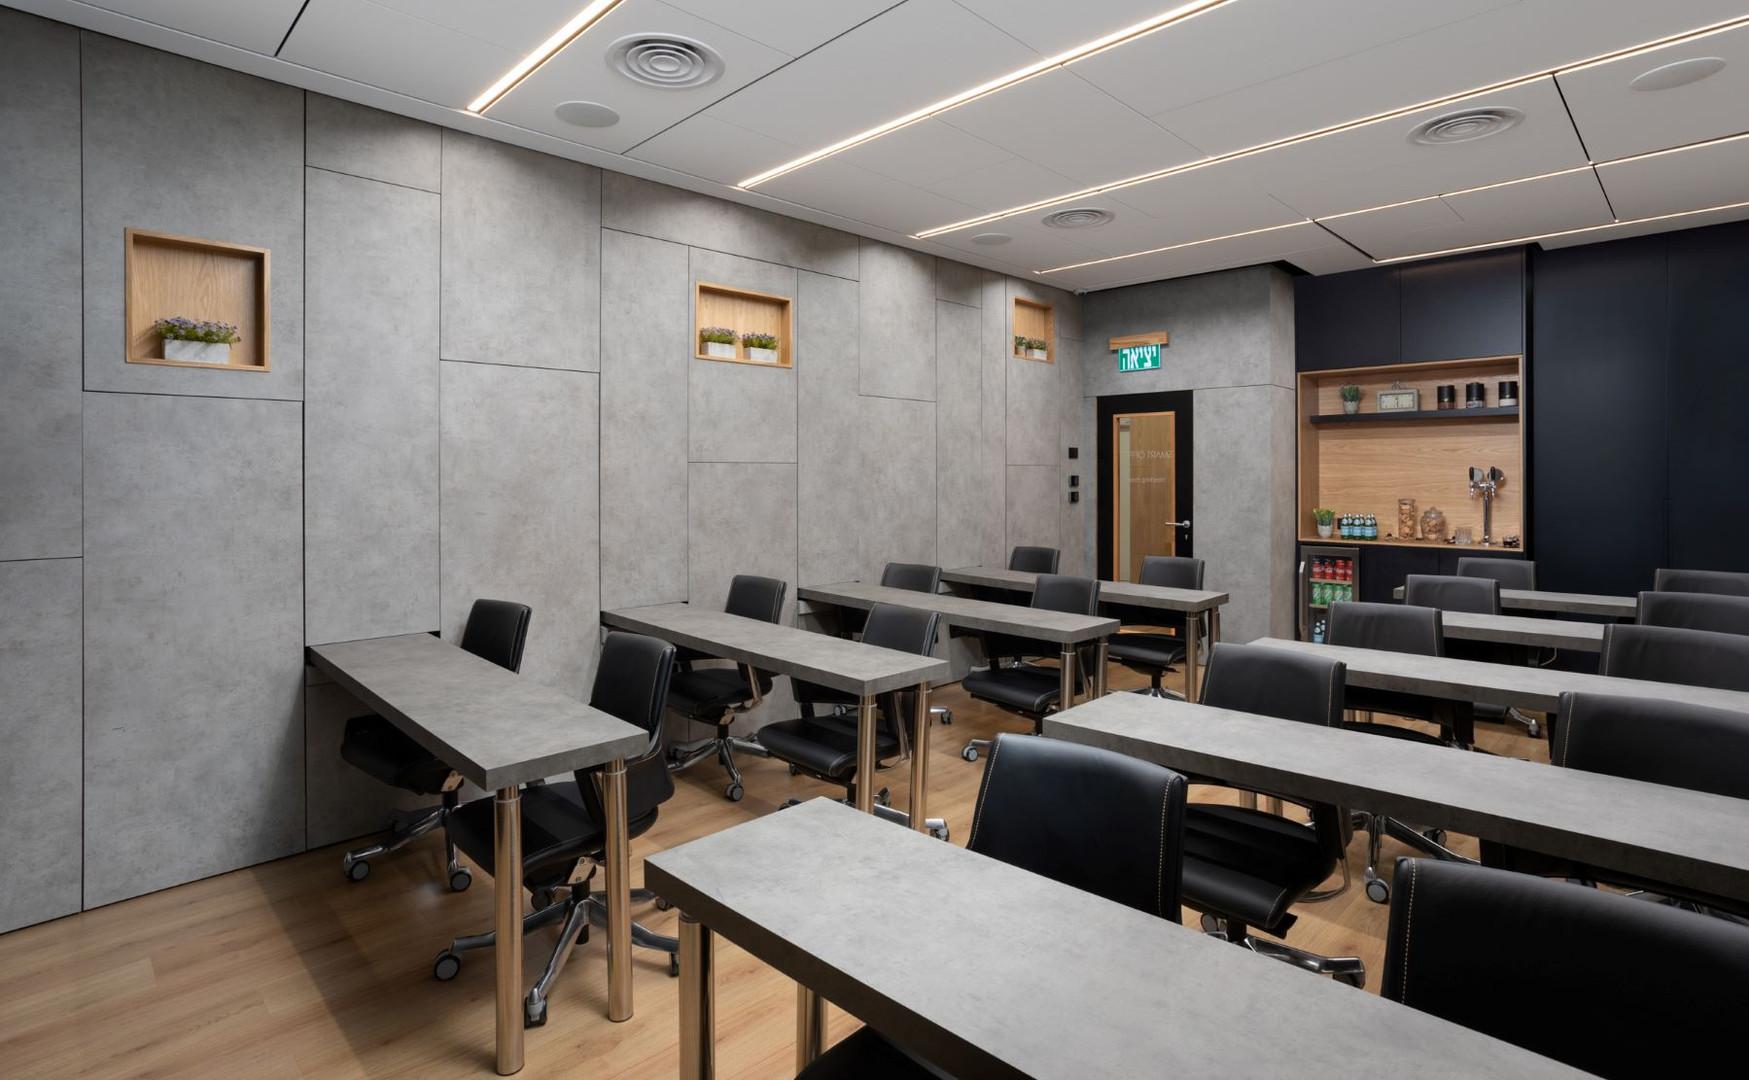 חדר הרצאות 4.jpg